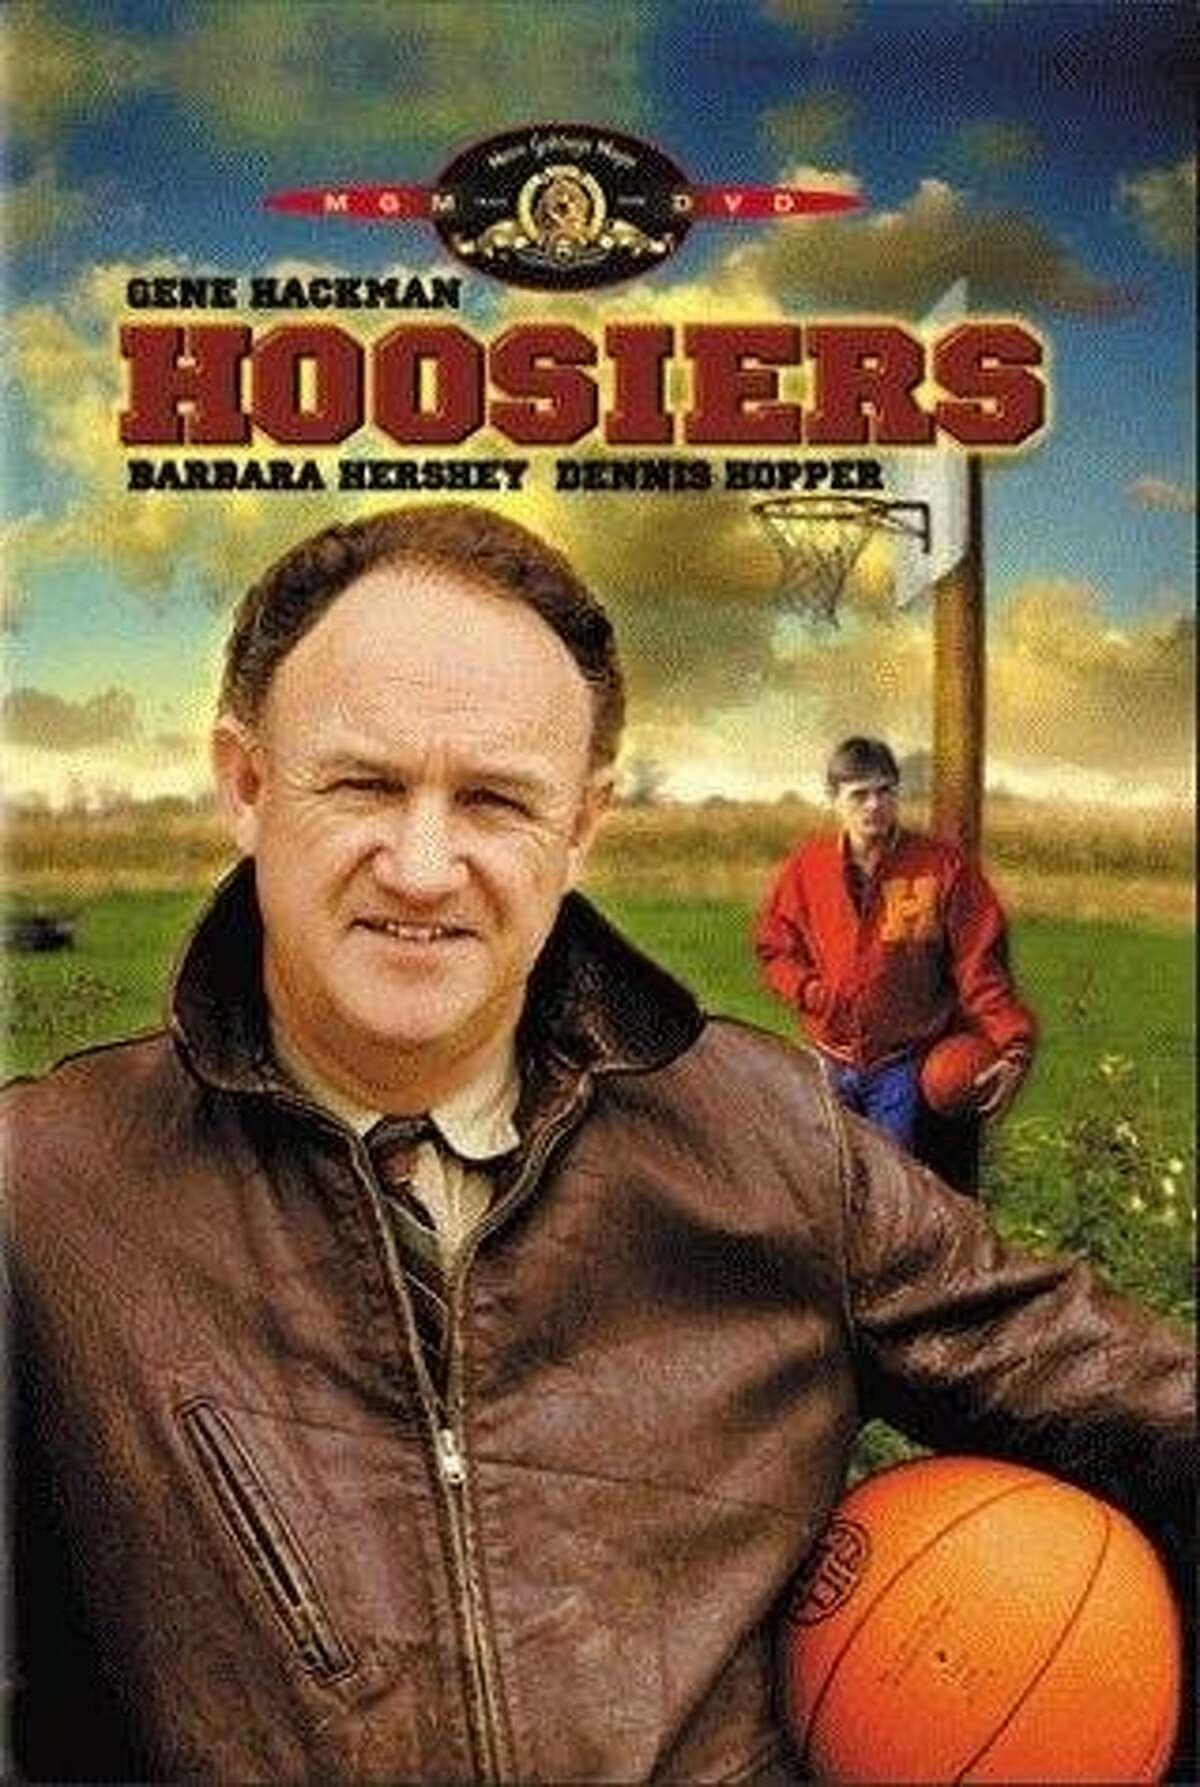 Hoosiers (1986) Starring Gene Hackman, Dennis Hopper and Barbara Hershey